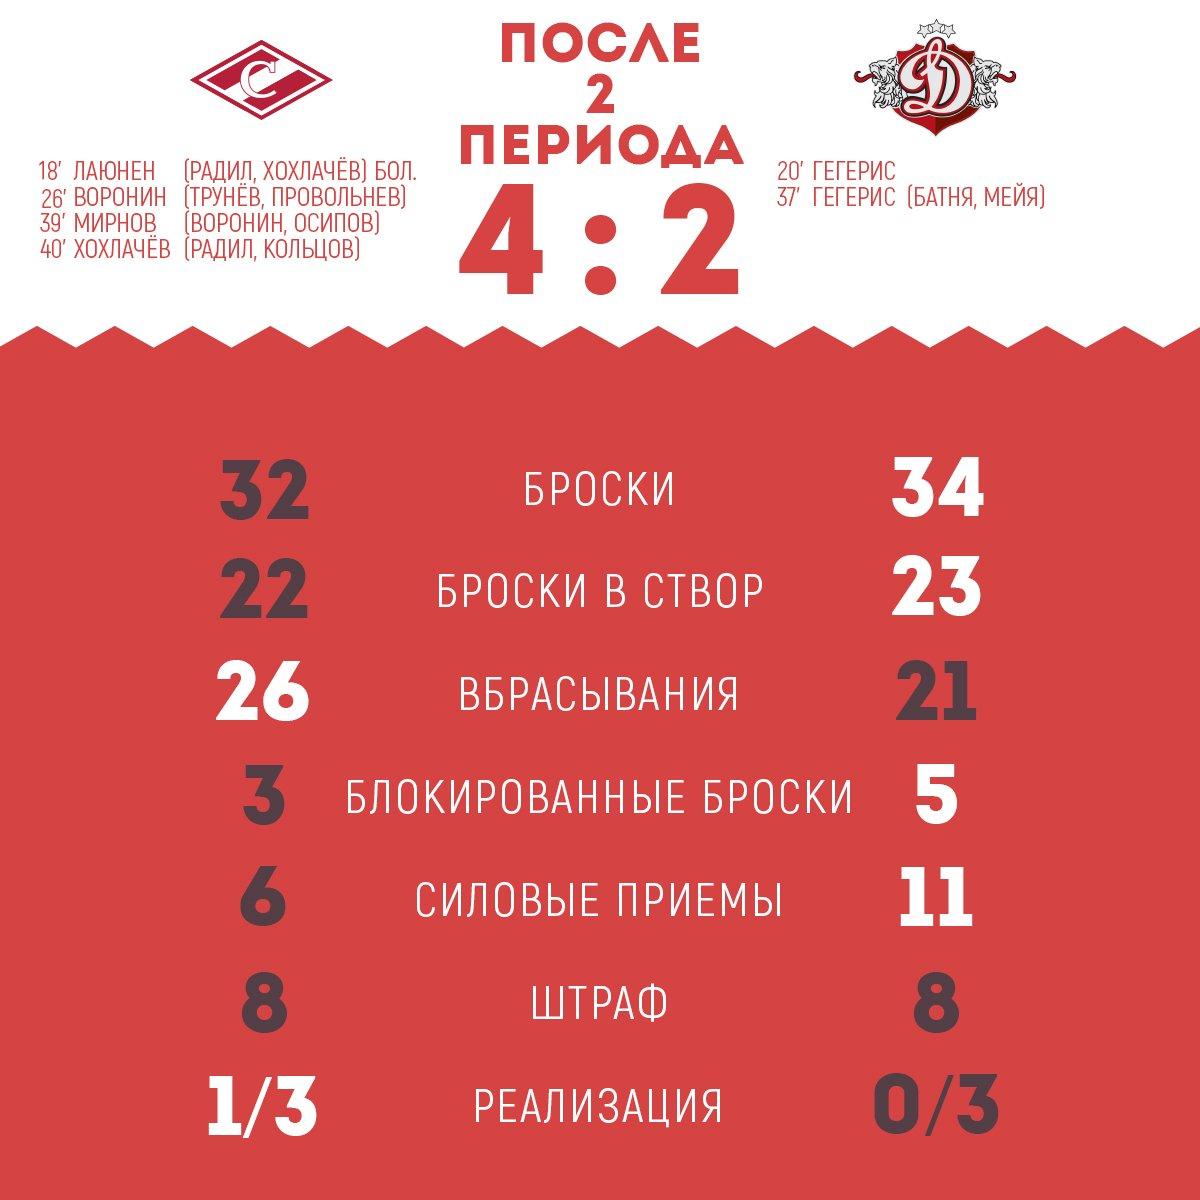 Статистика матча «Спартак» vs «Динамо» (Рига) после 2-го периода